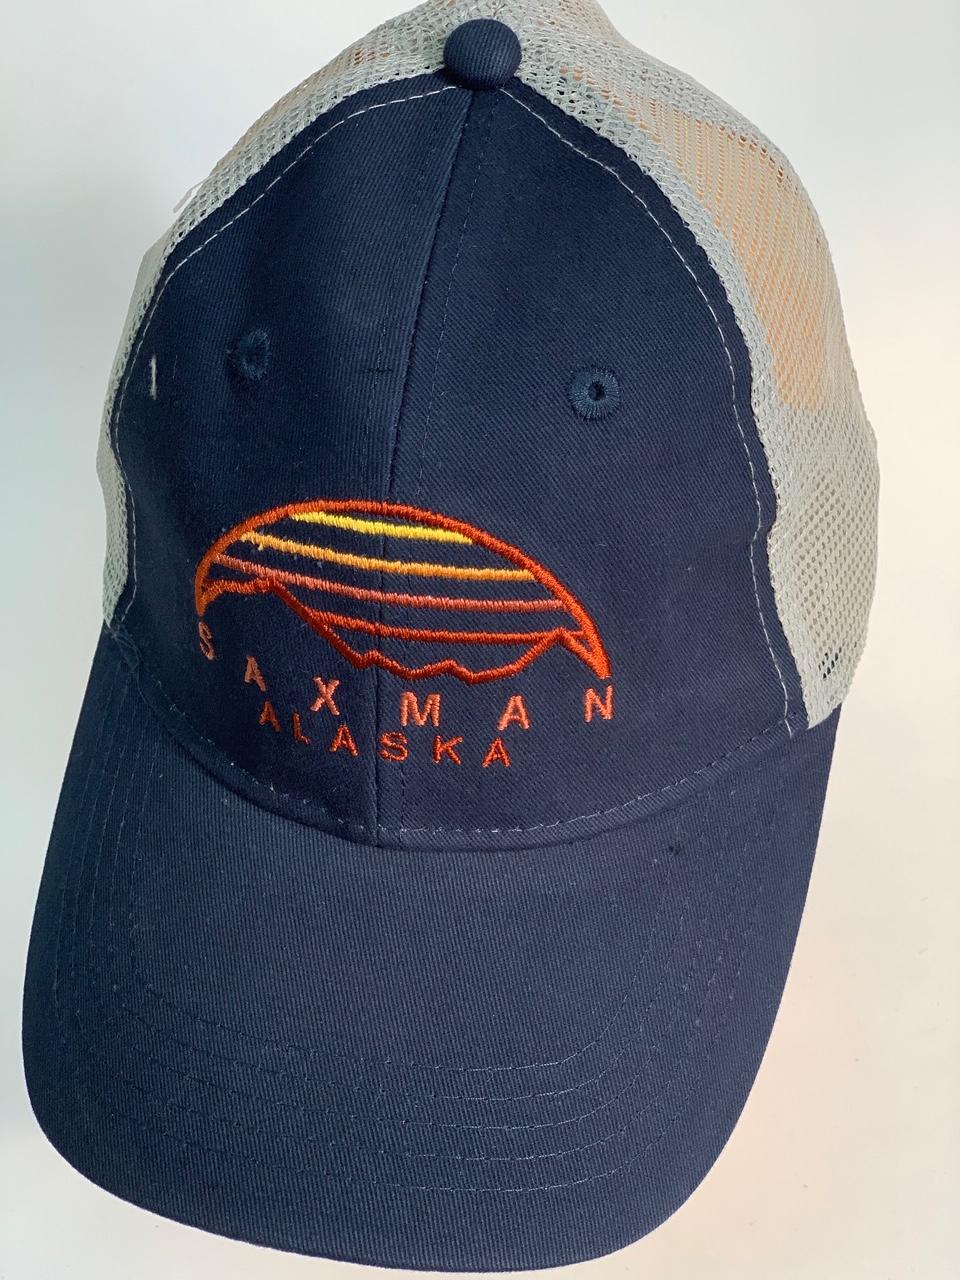 Синяя бейсболка Alaska с вышивкой на тулье и сеткой